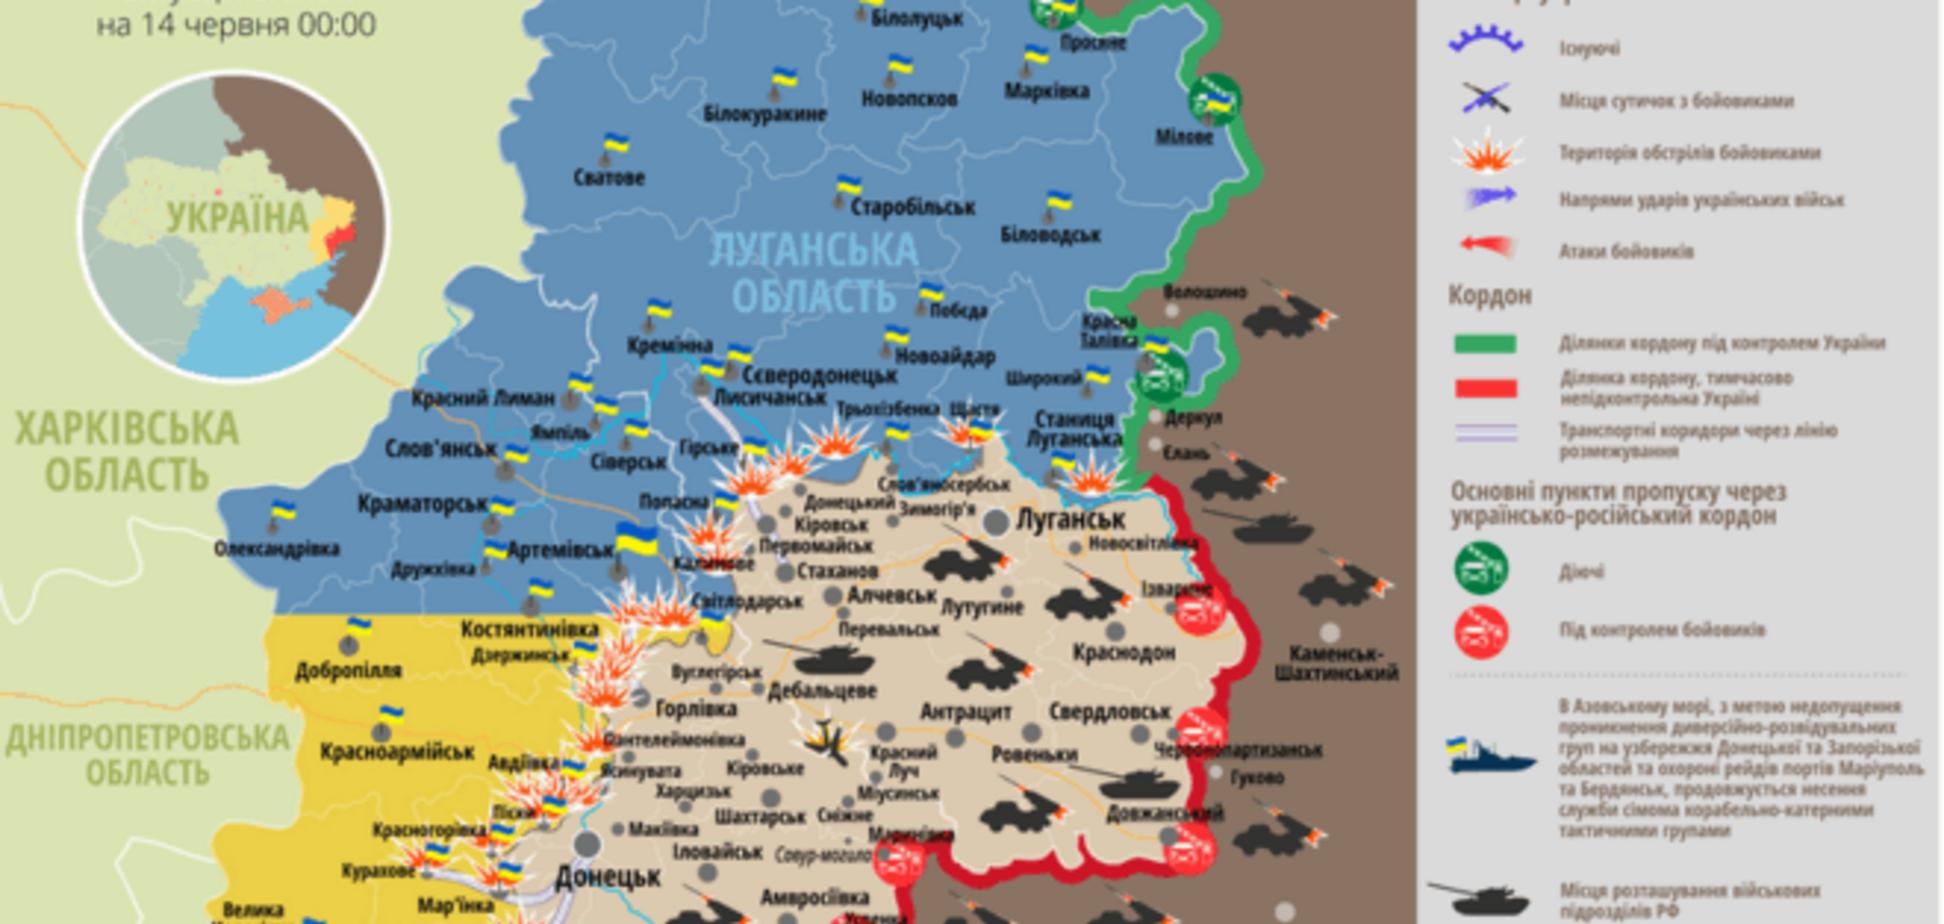 На Донбассе обострилась ситуация: карта АТО